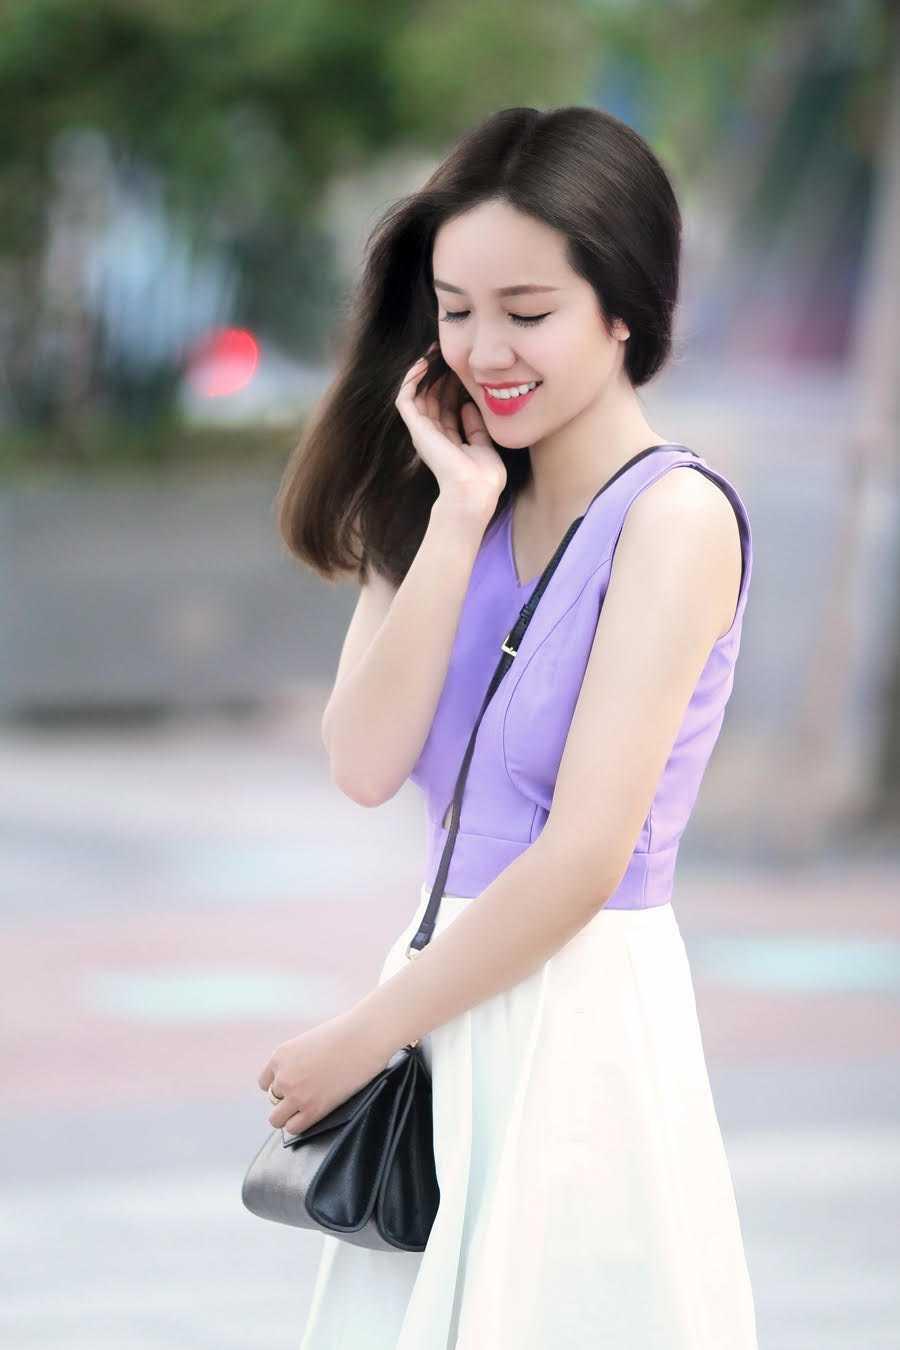 Tương tự Hoàng Oanh, Phương Ly - em gái nữ ca sĩ Phương Linh - cũng quyết trung thành với mái tóc dài và chưa từng nghĩ sẽ cắt tóc ngắn để phá cách.